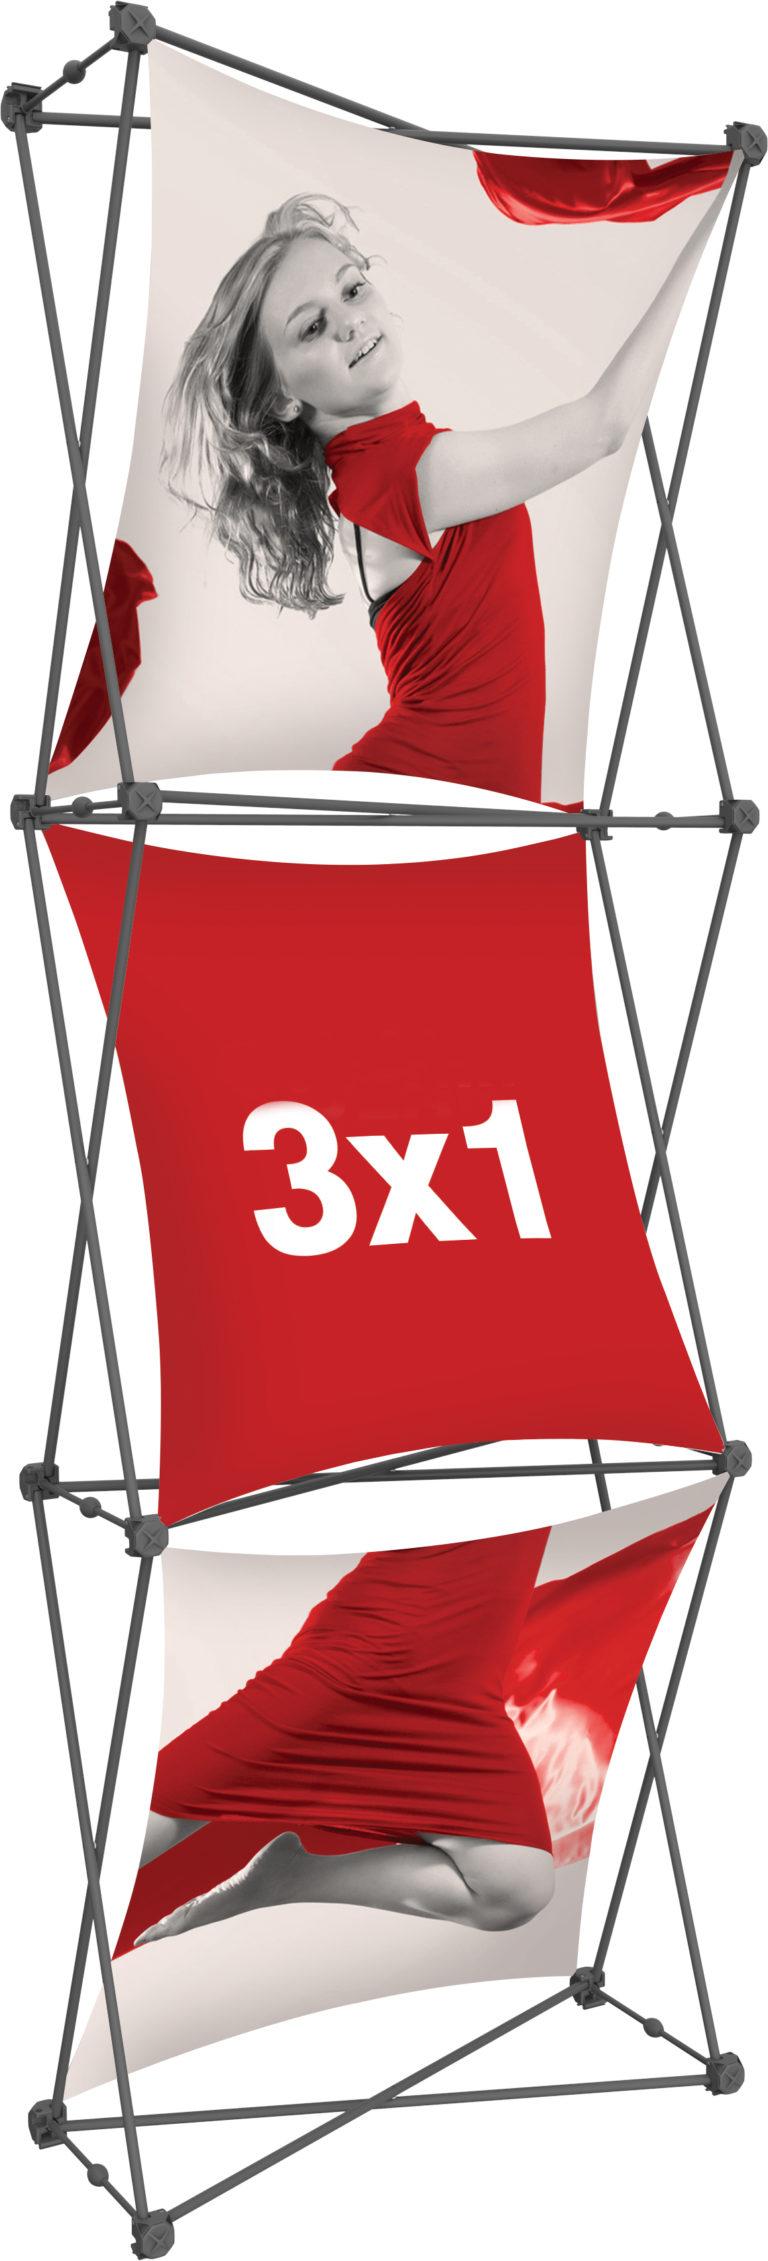 x-board-1X3